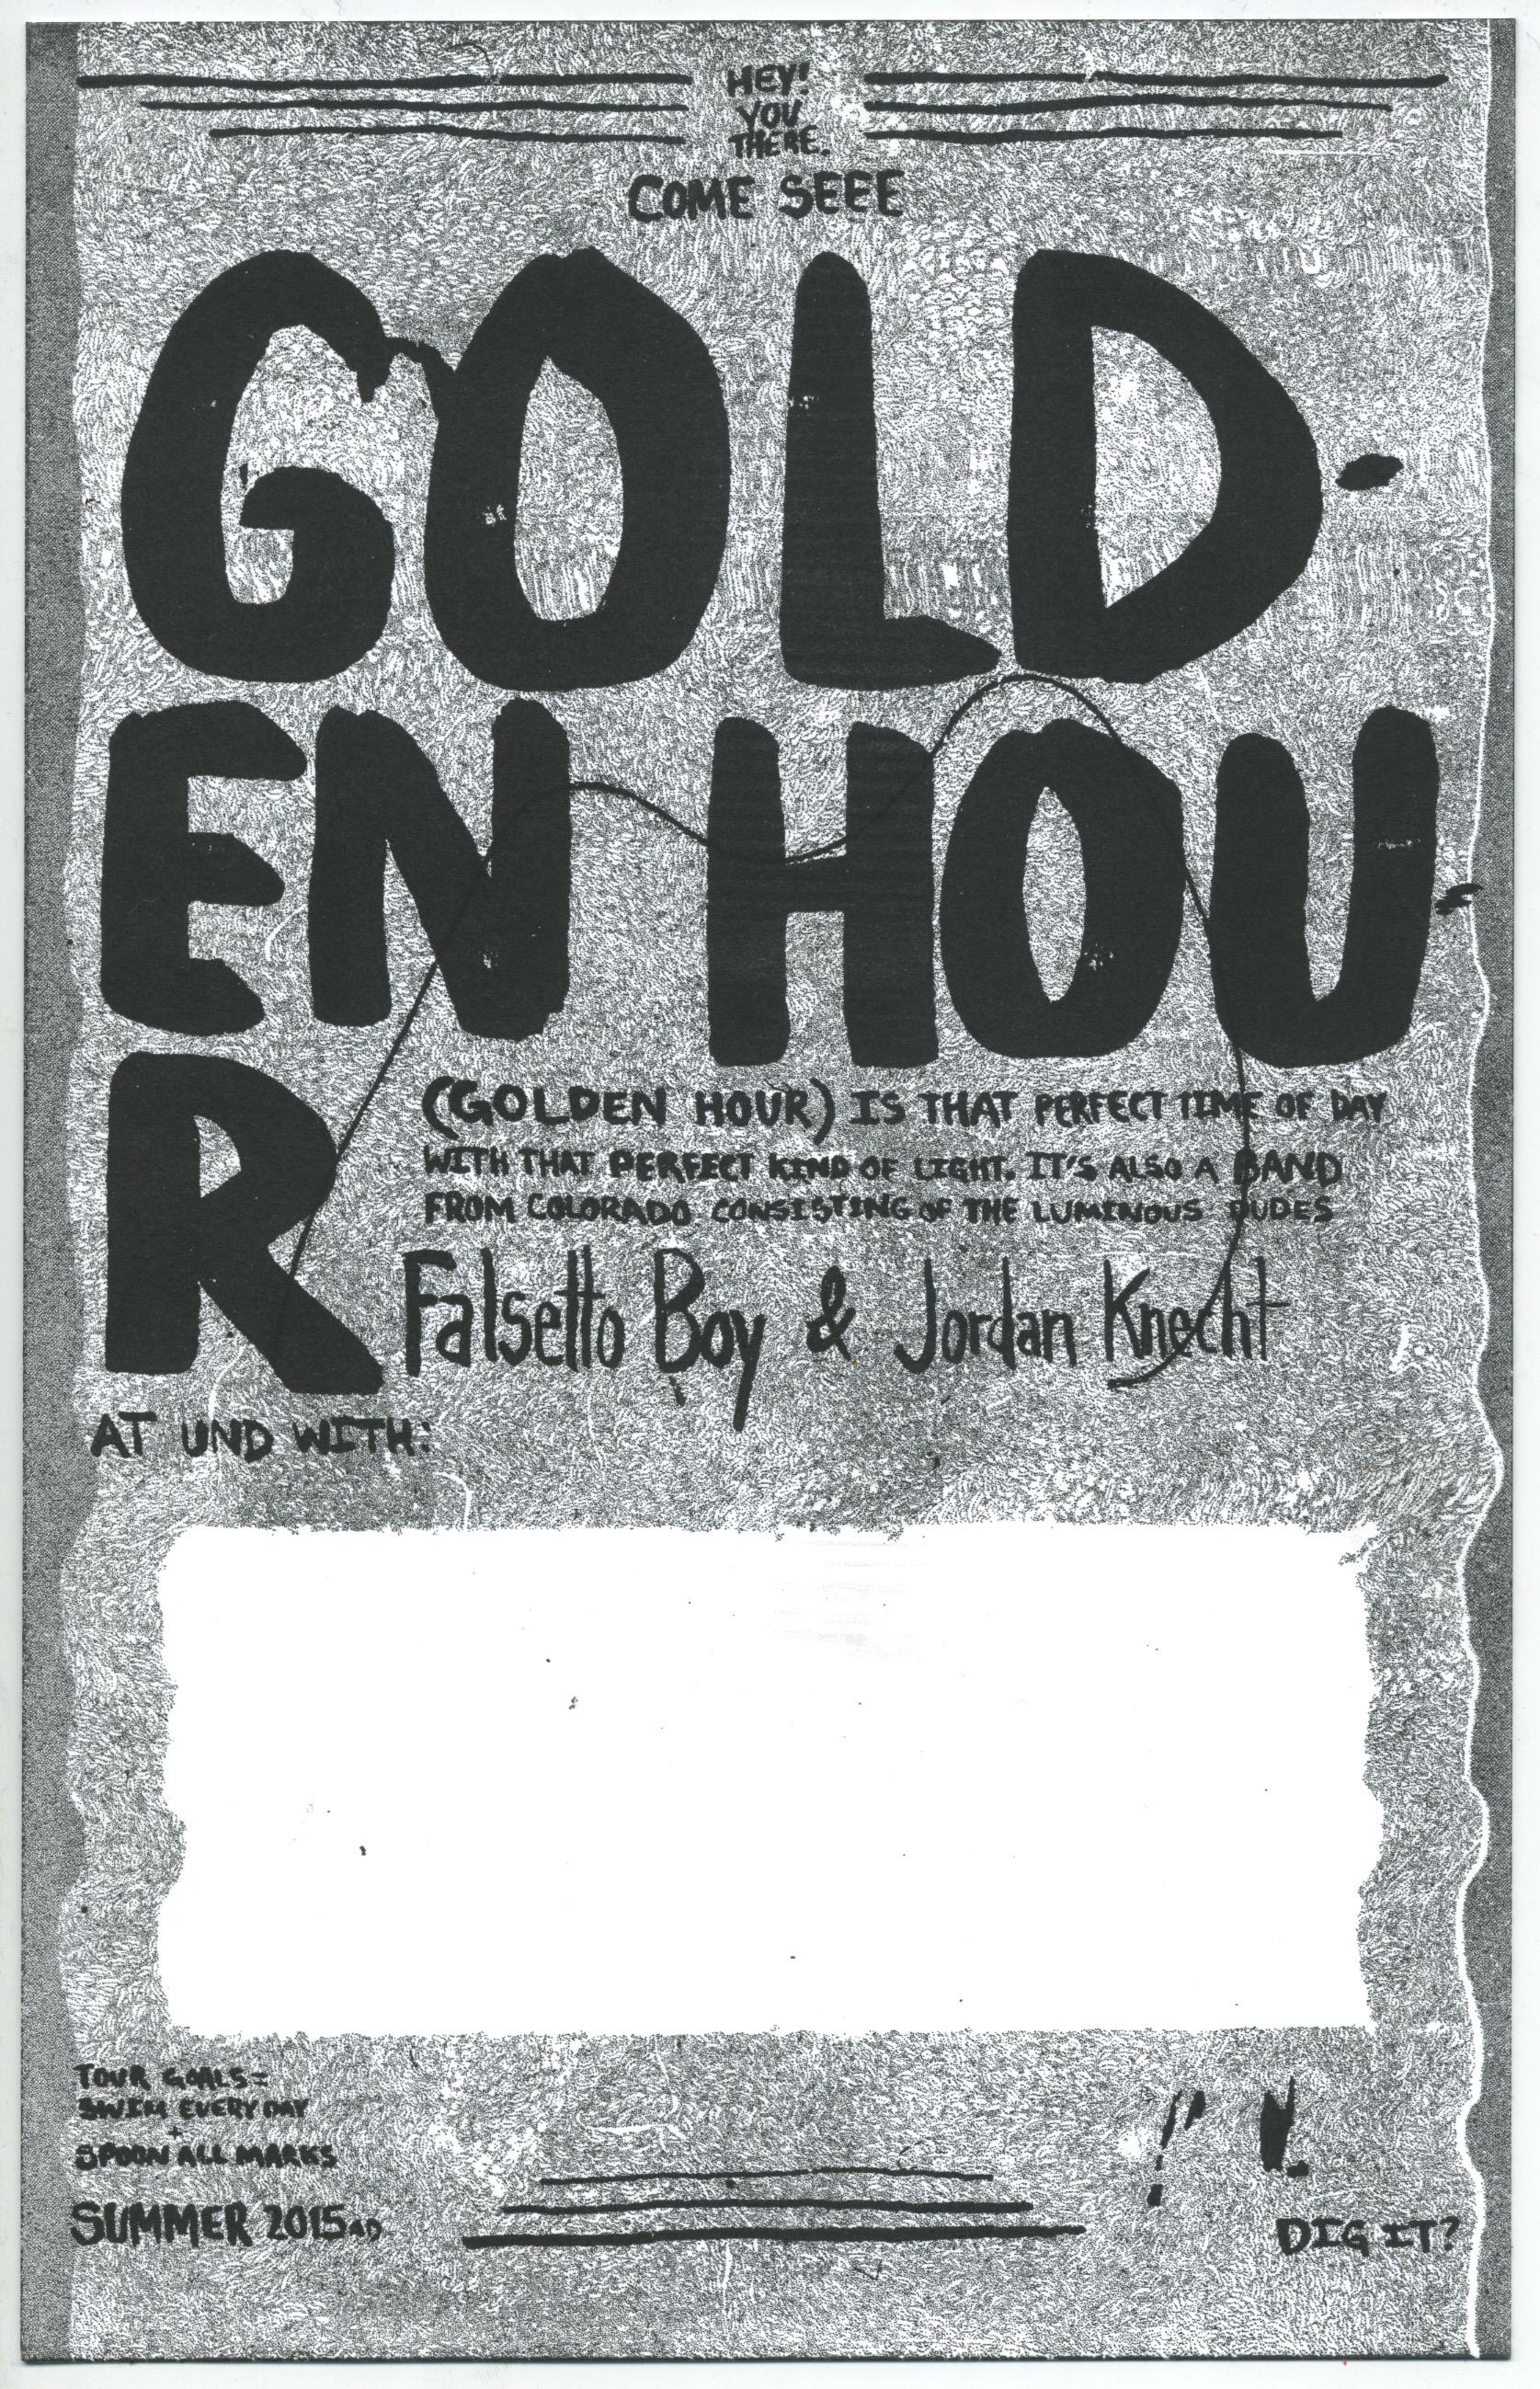 Golden Hour Tour Flier.jpeg